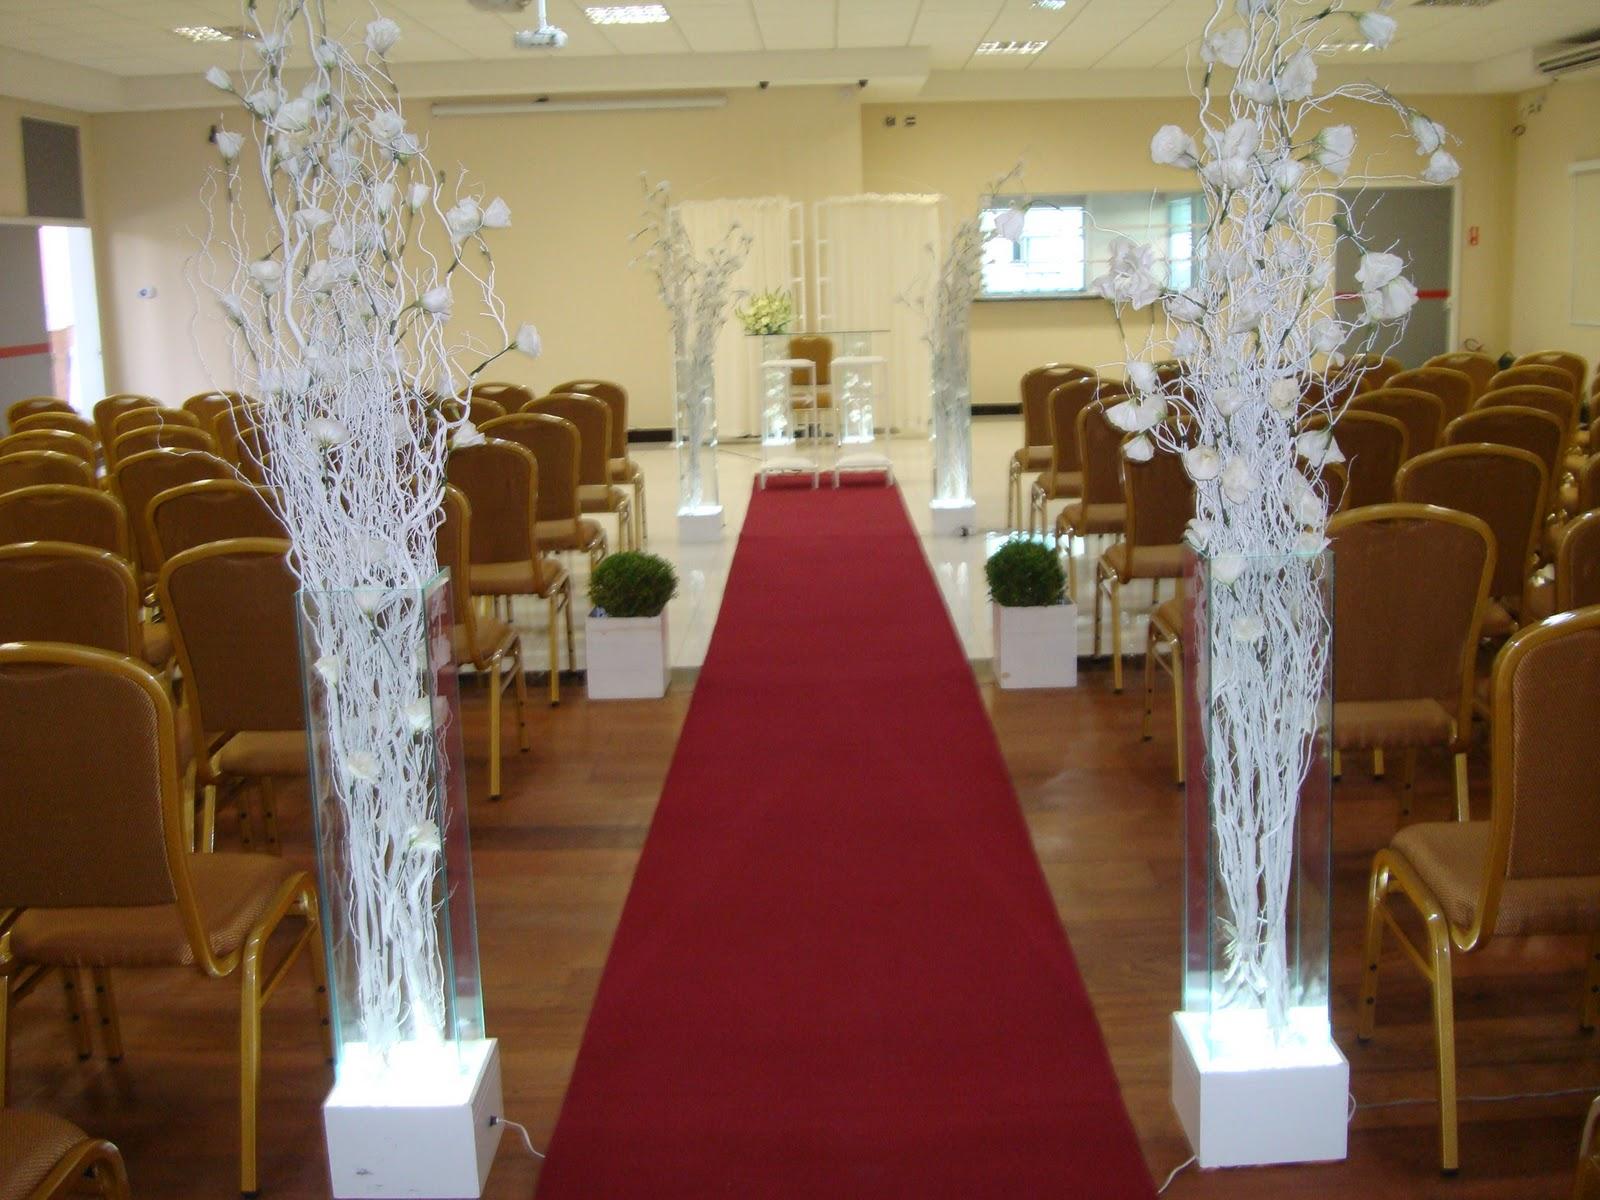 Casamento Simples na Igreja u2013 Fotos de Casamentos